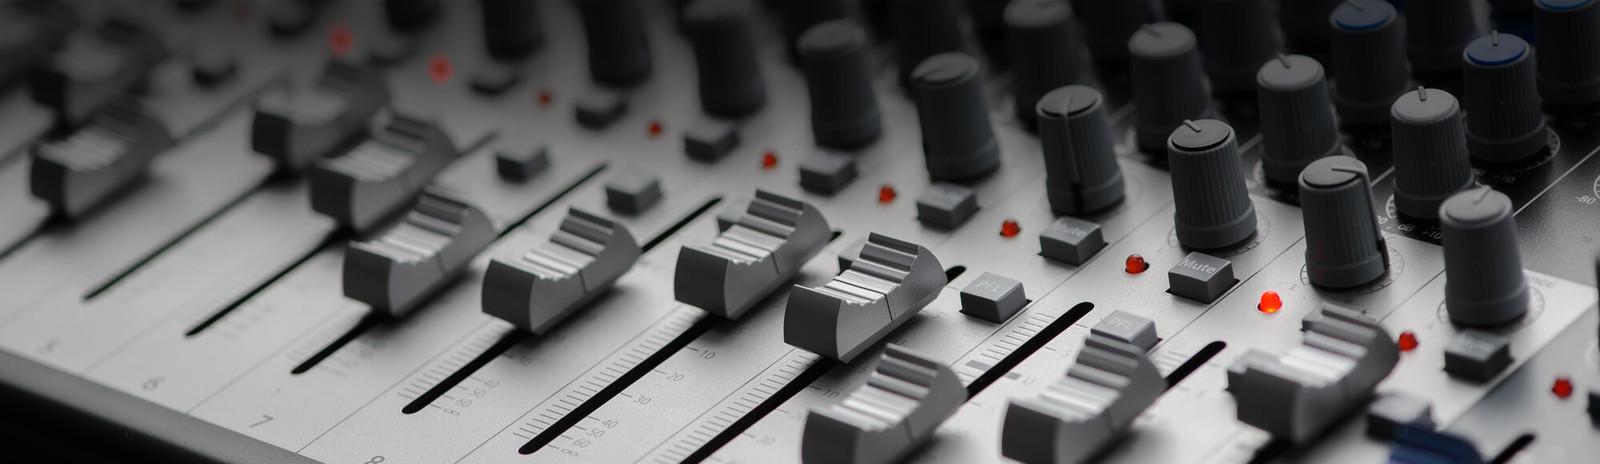 Analogue Mixers